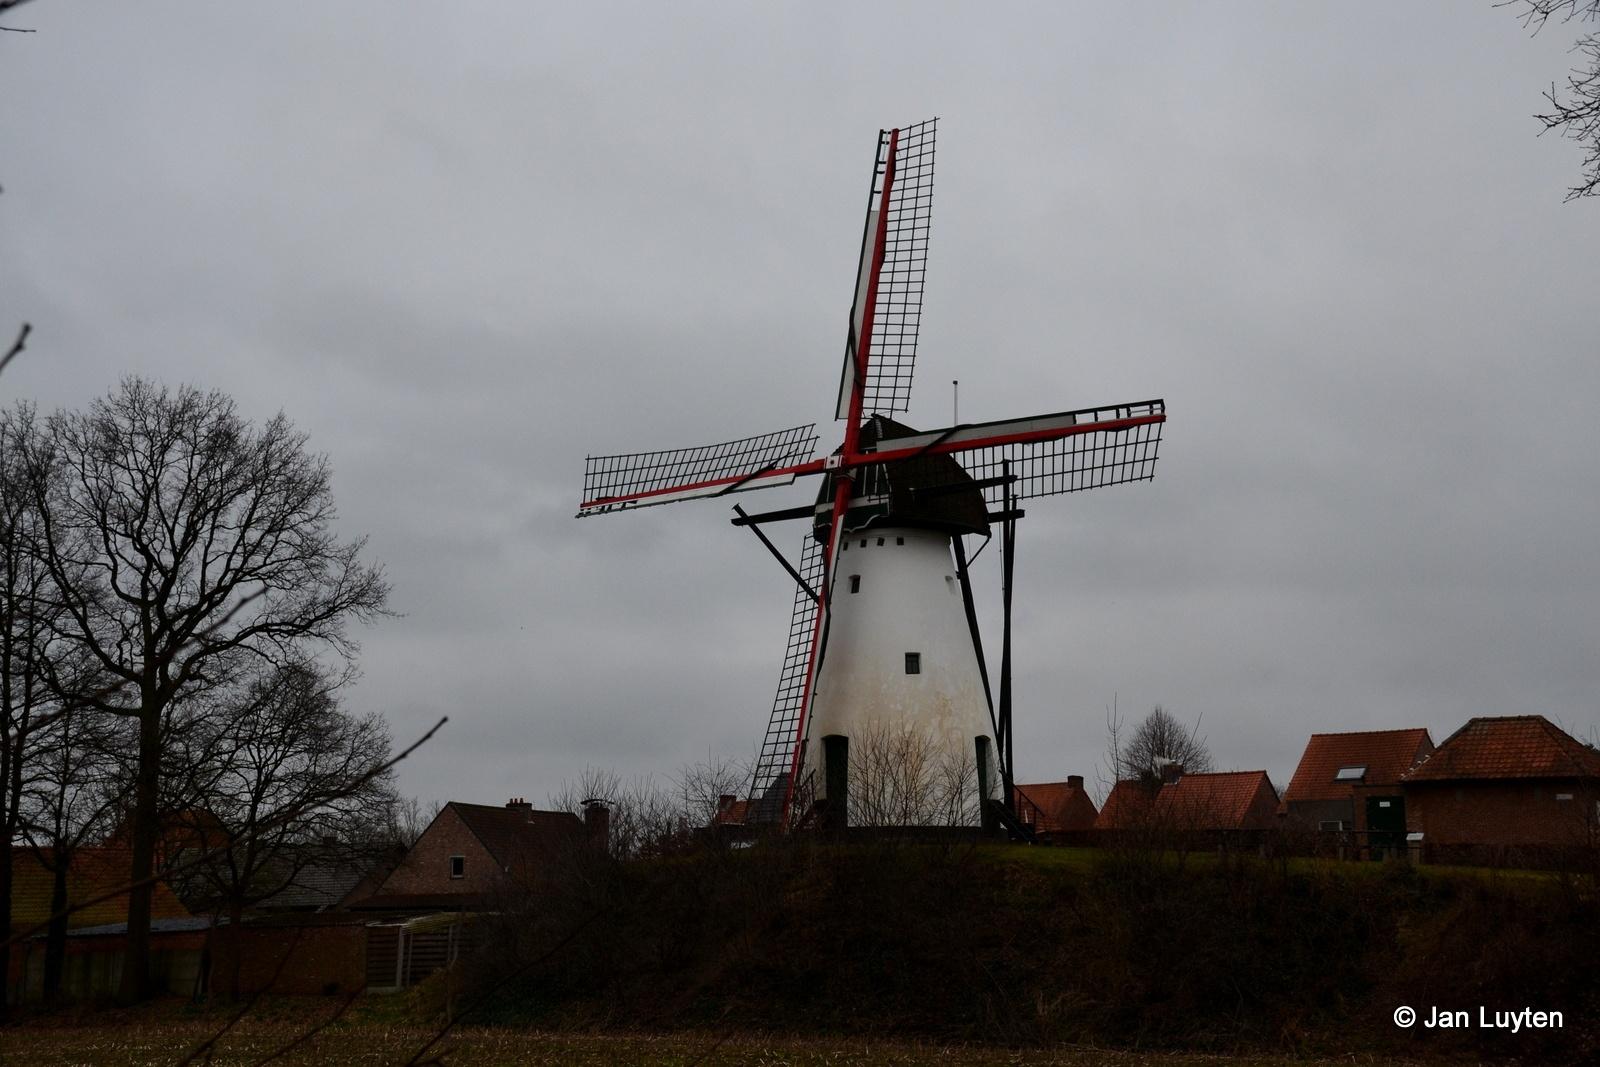 Molen Ezaart by Jan Luyten